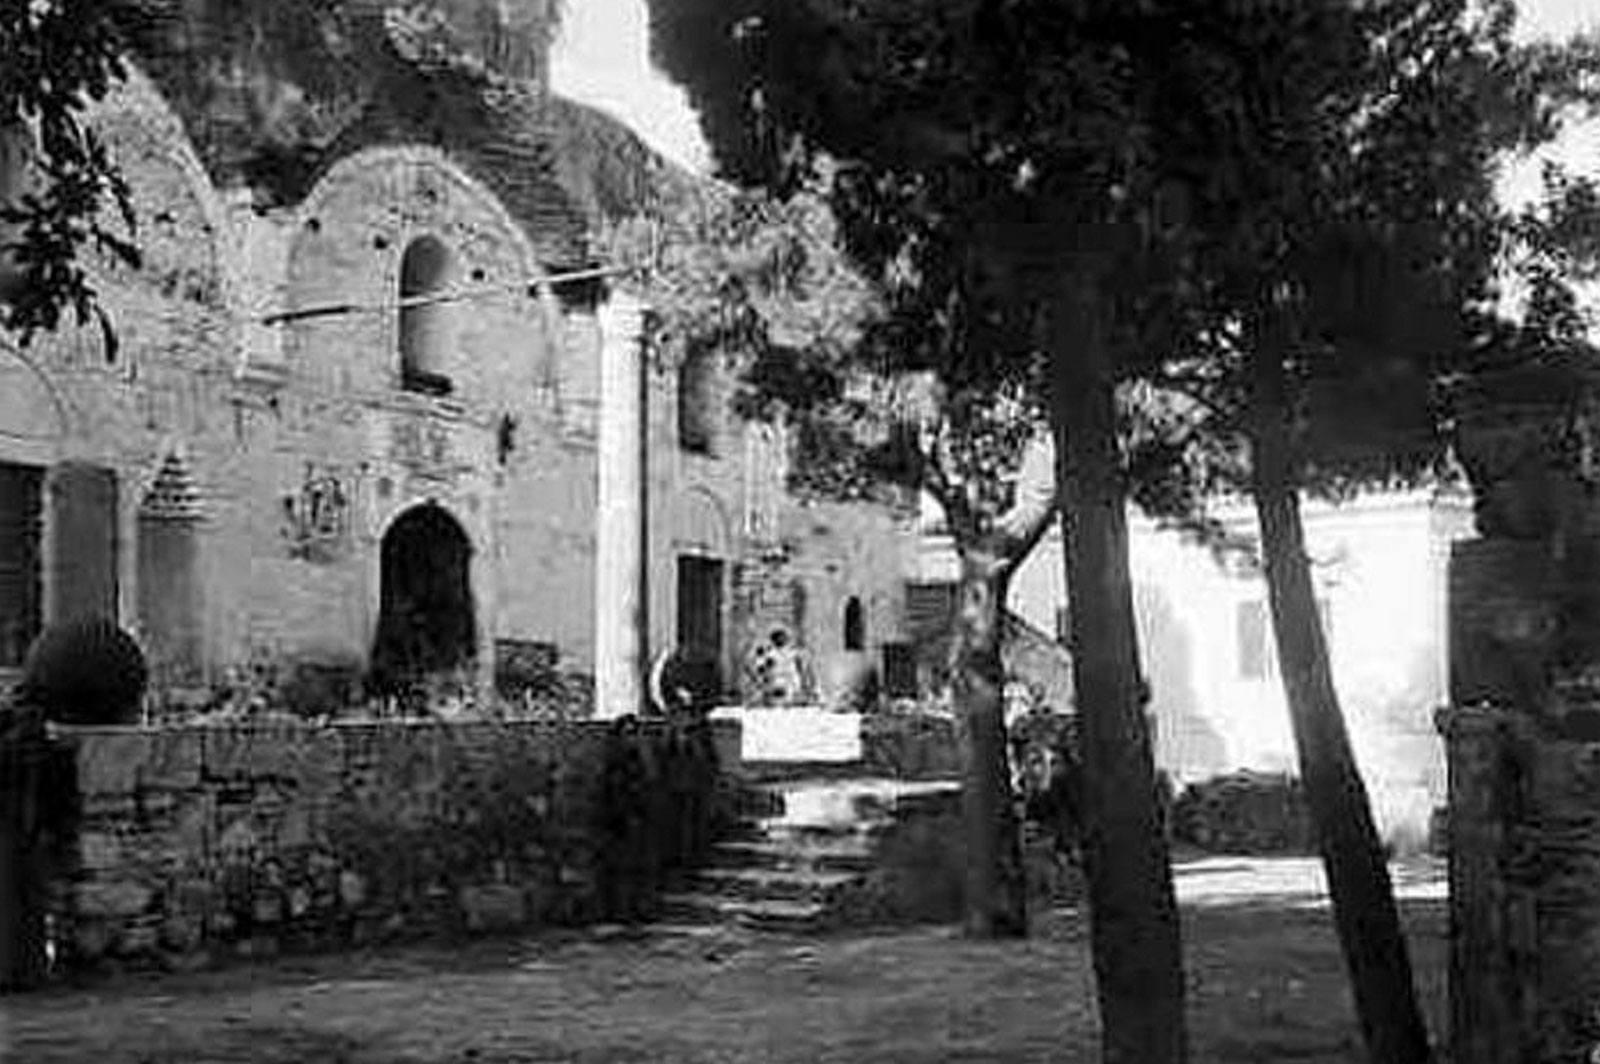 5-Boissonnas-Frederick-Eubee-Chalkis-la-residence